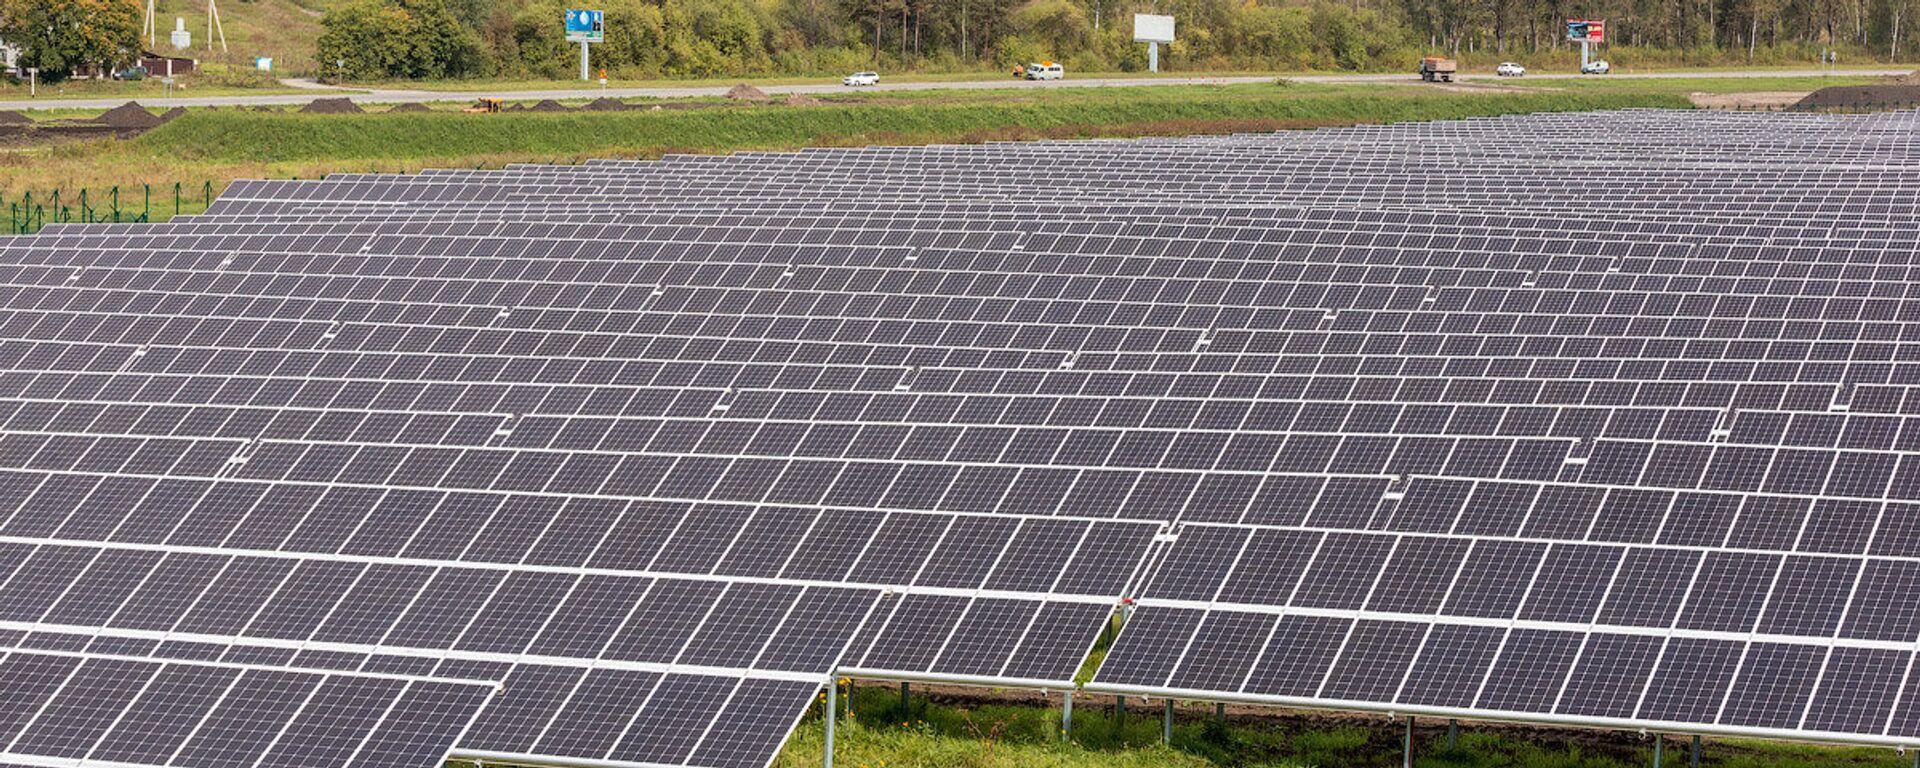 La primera central solar eléctrica de nueva generación en la República de Altái, en Rusia - Sputnik Mundo, 1920, 29.04.2021